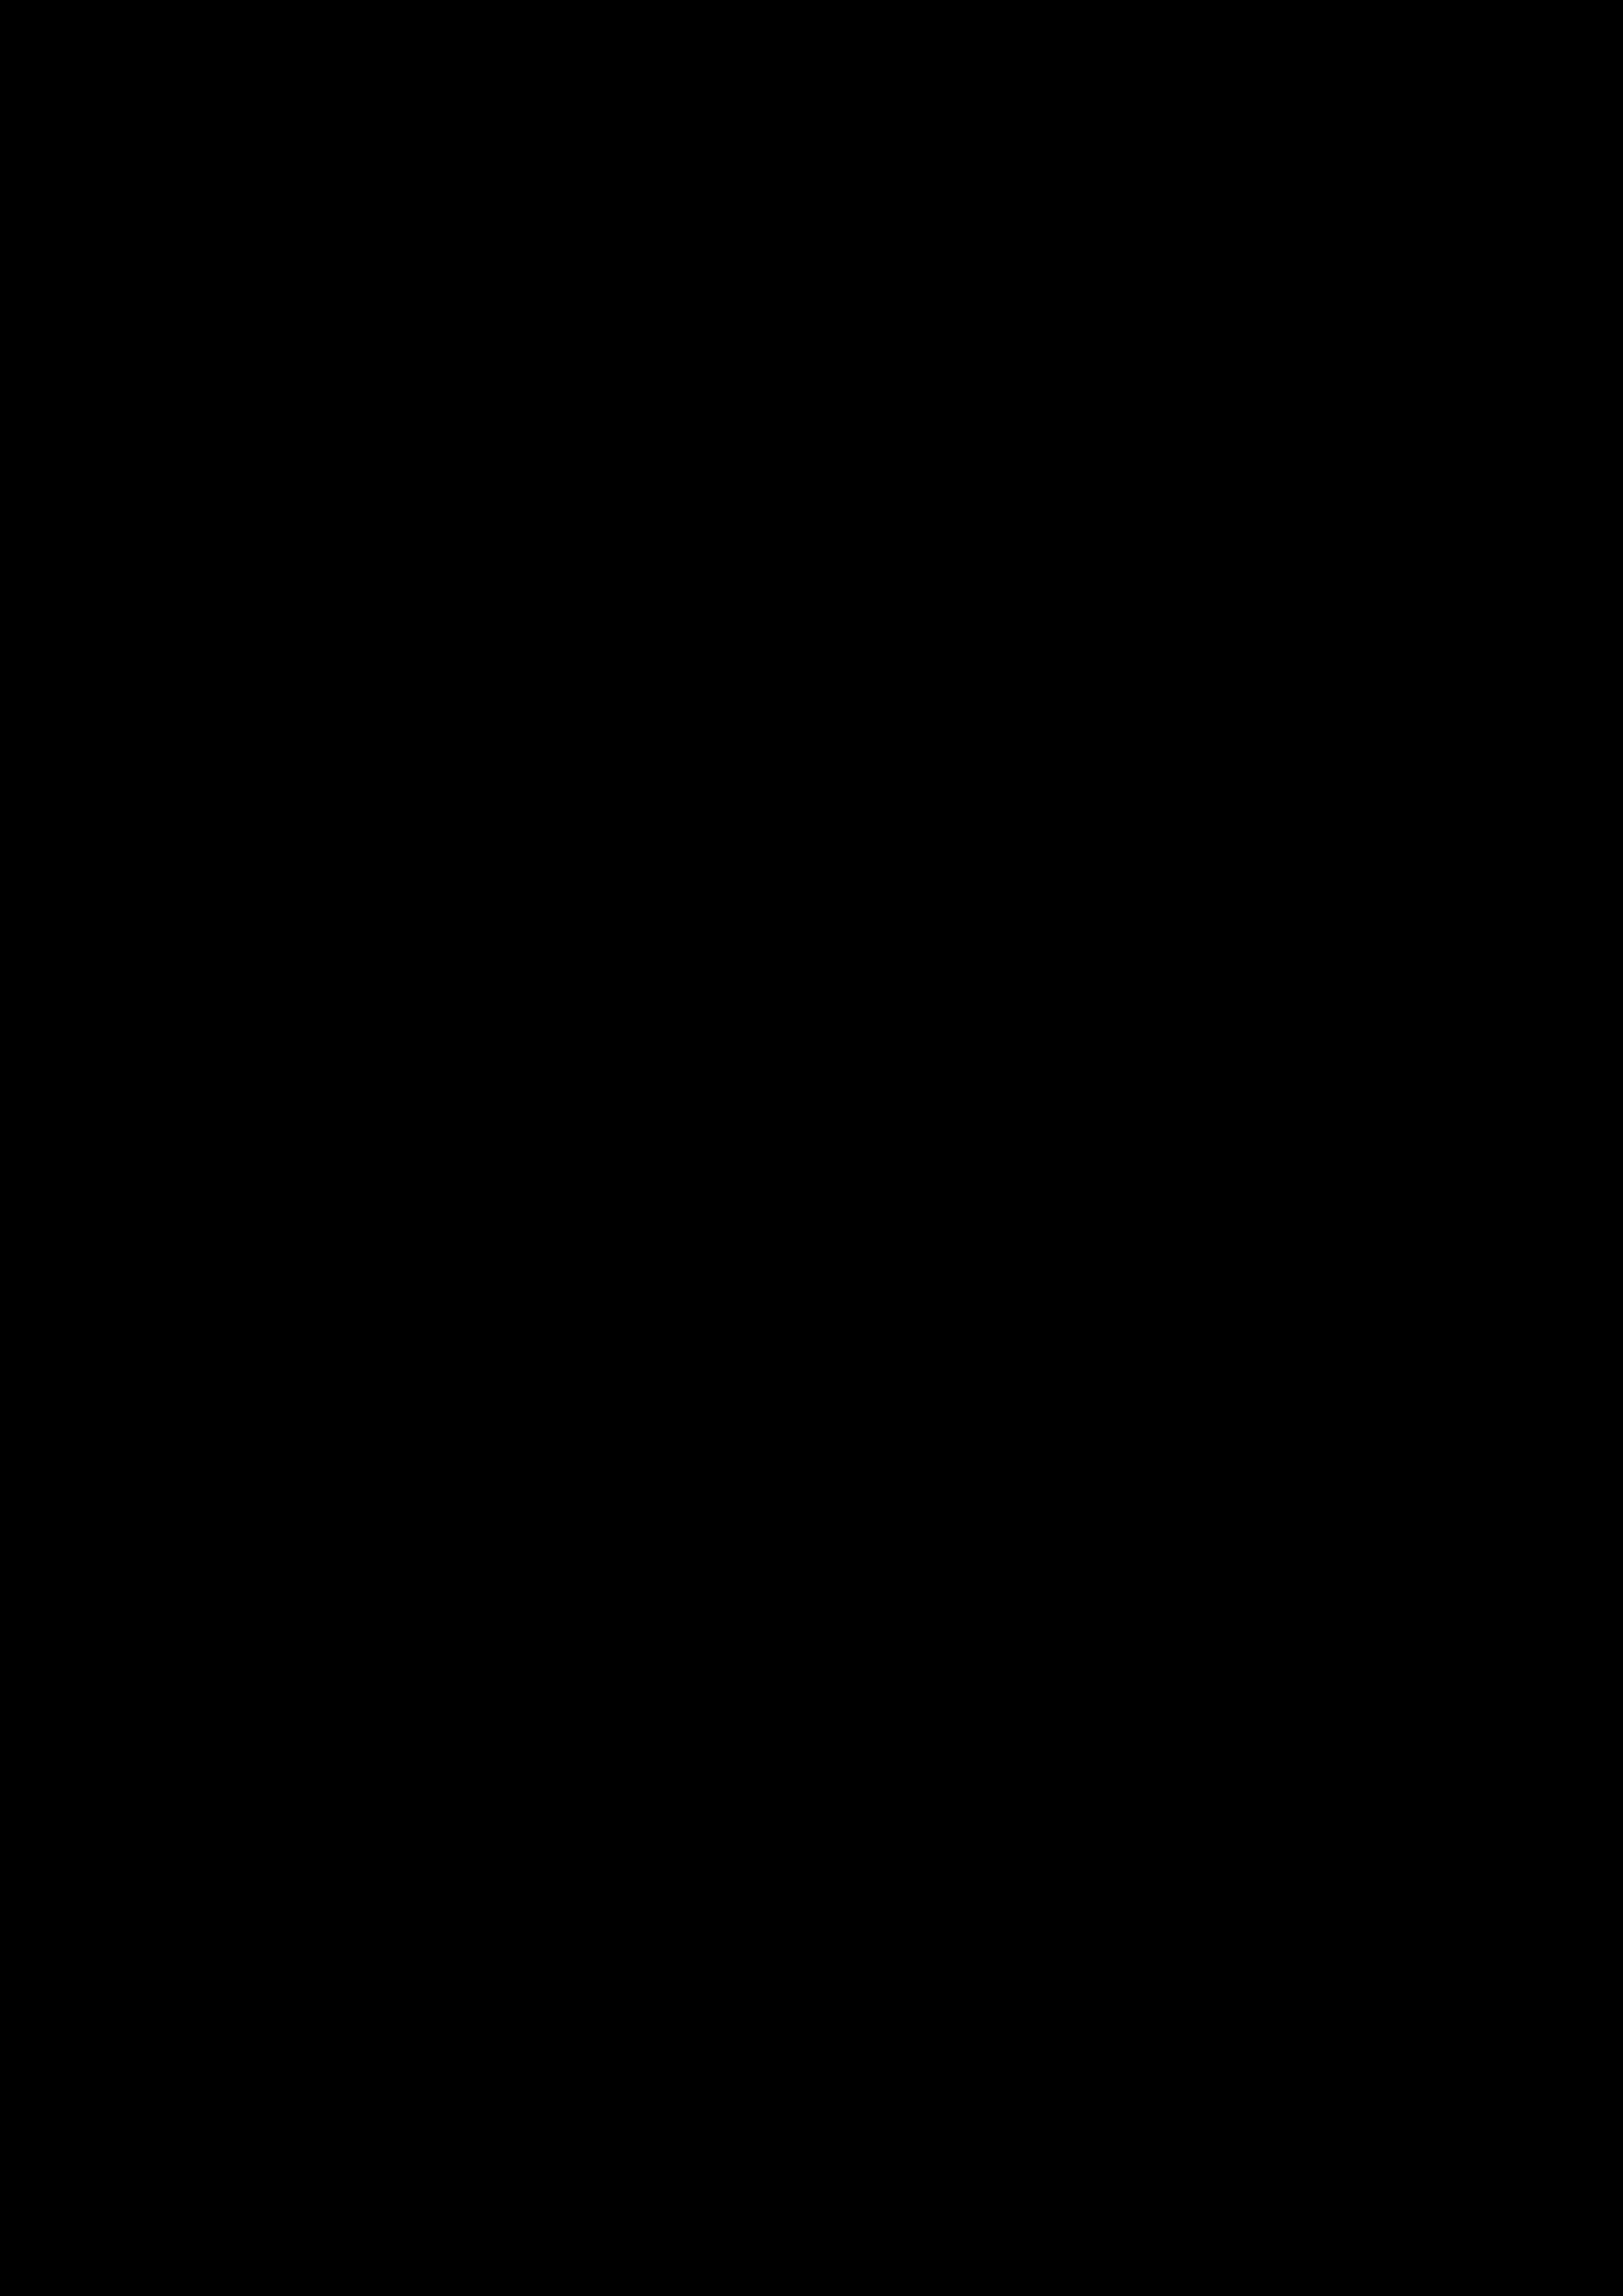 千本桜-8